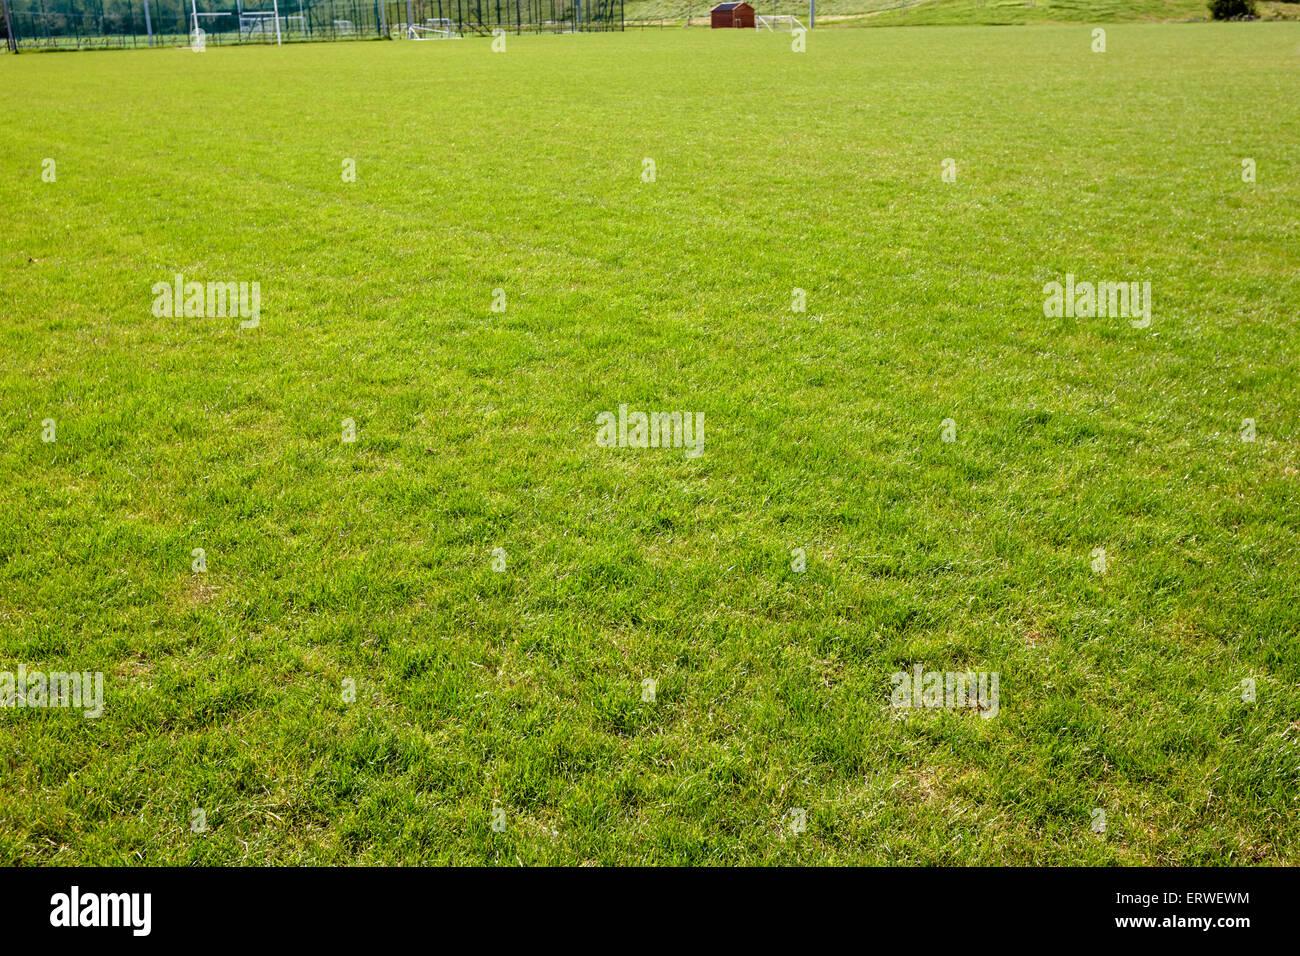 La pasto verde en el campo de juego el polideportivo monaghan república de Irlanda Foto de stock